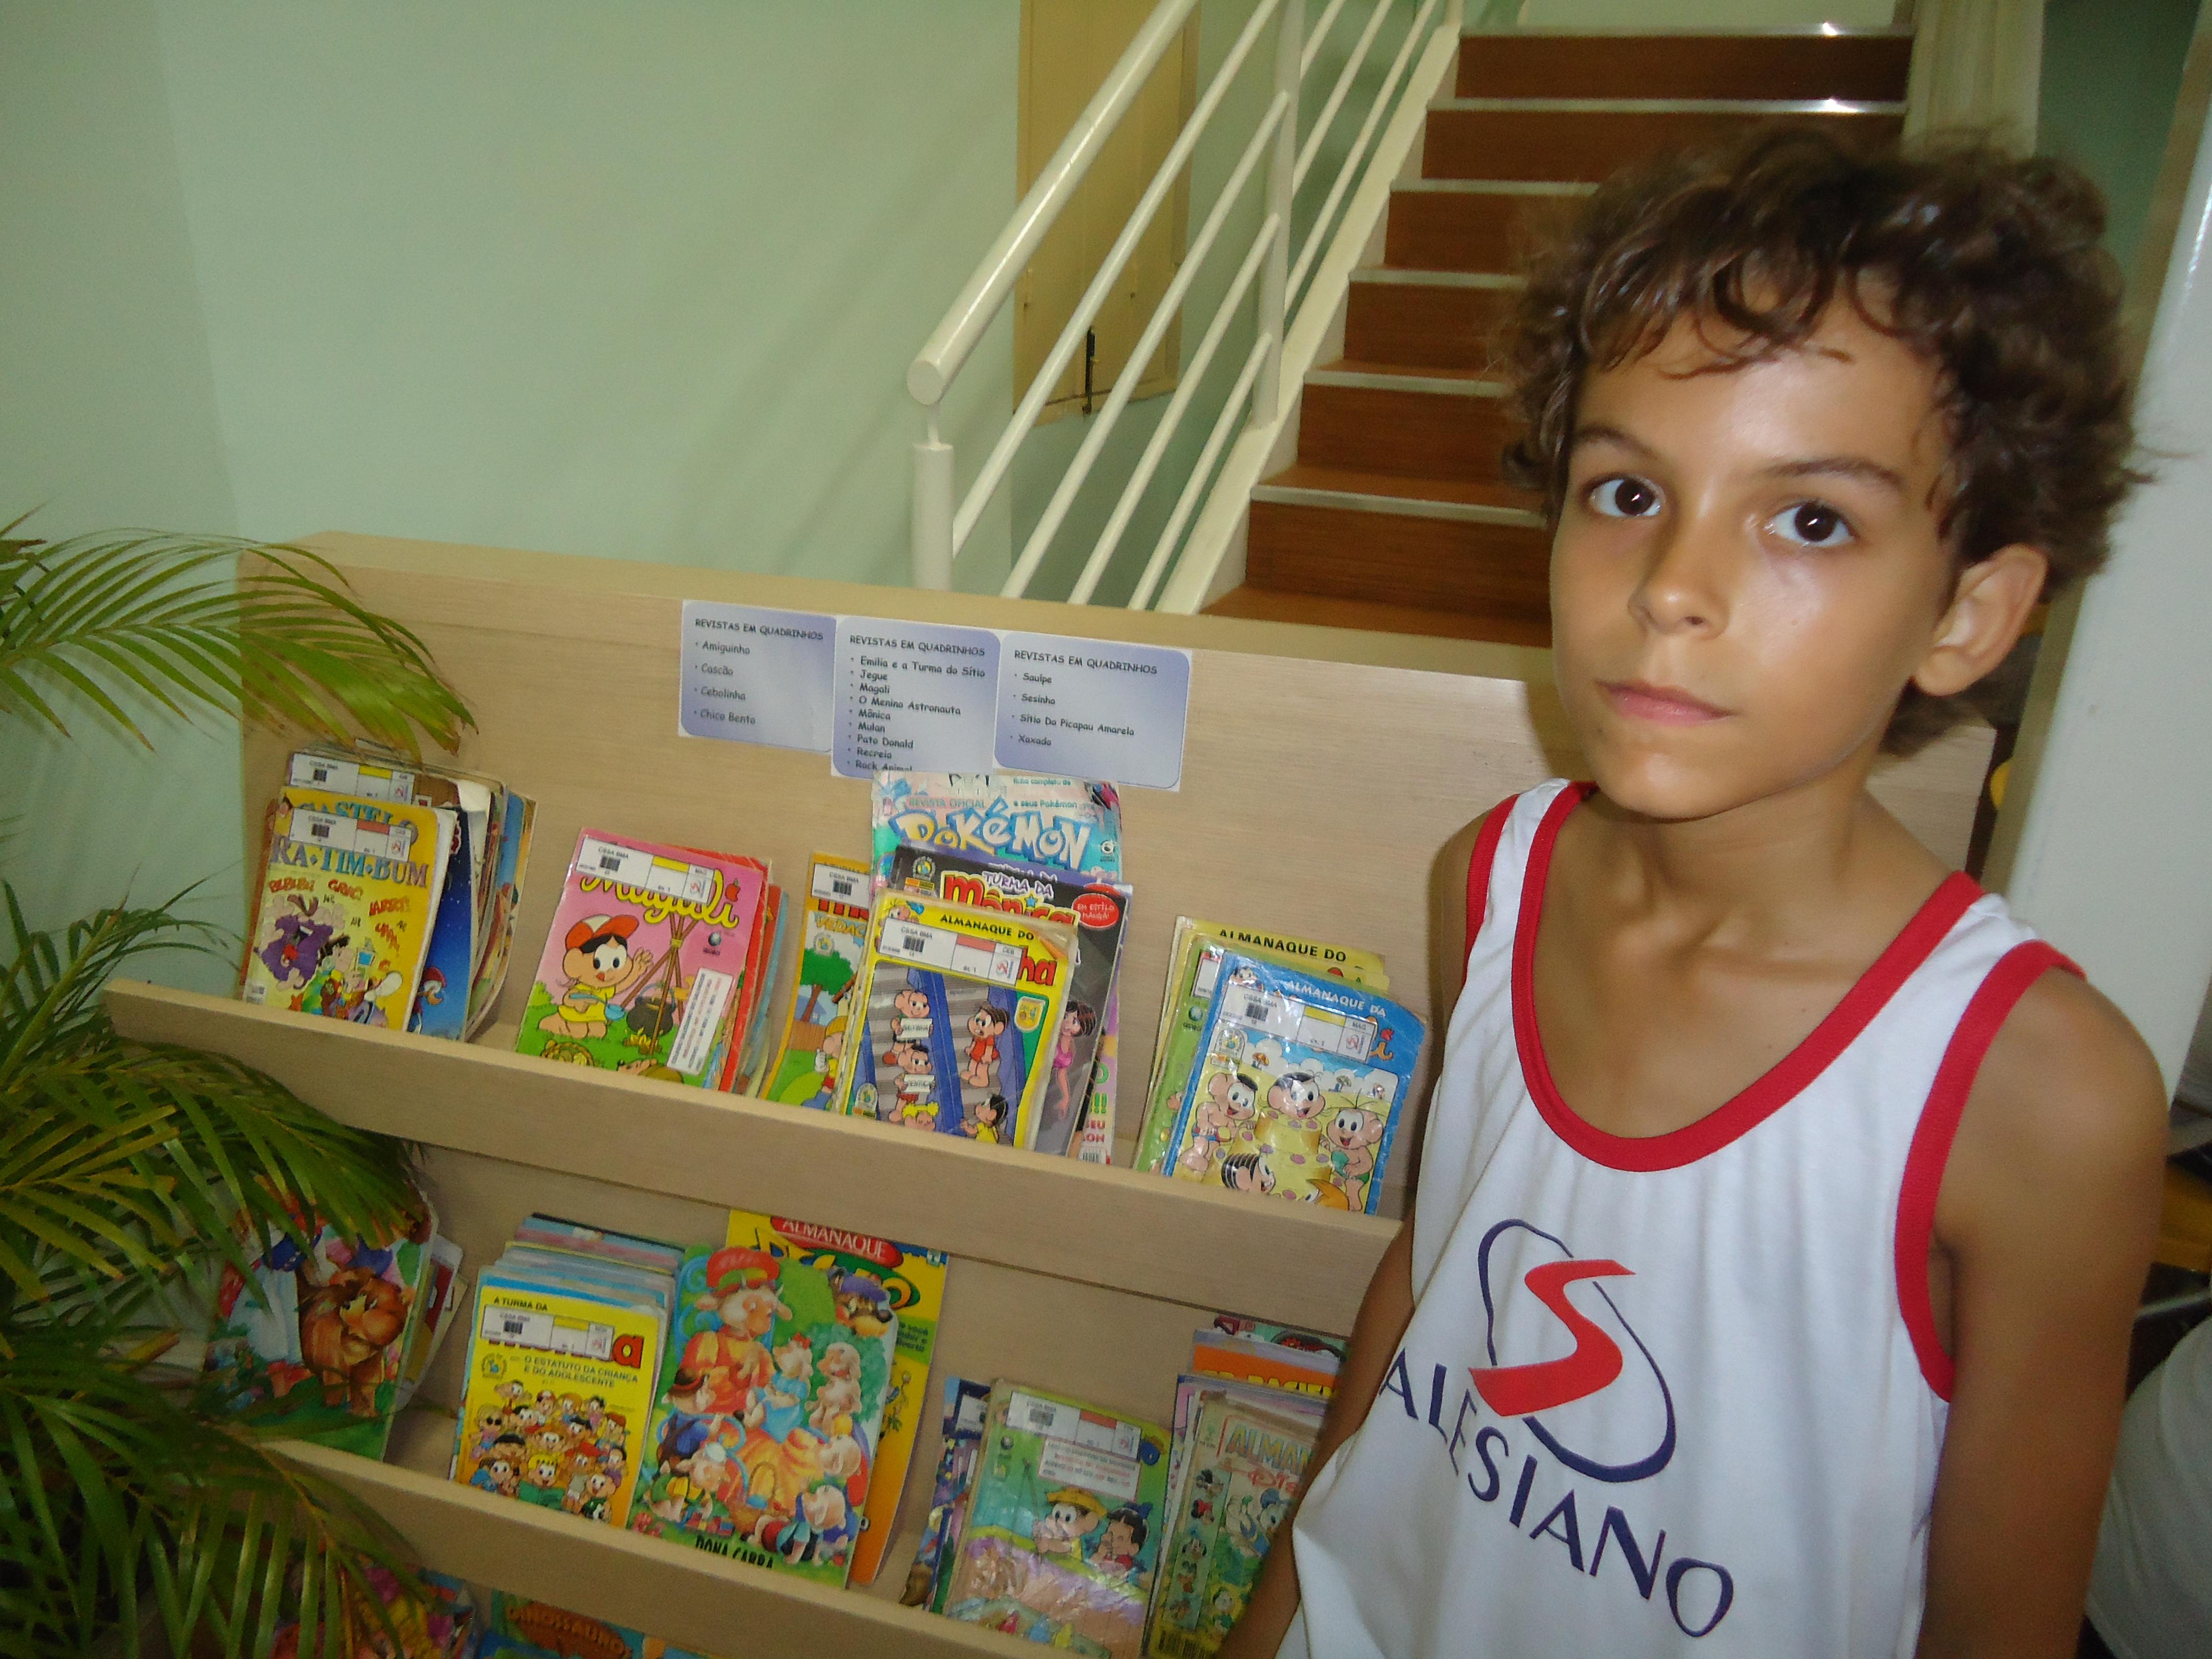 Caio_novas_-_biblioteca